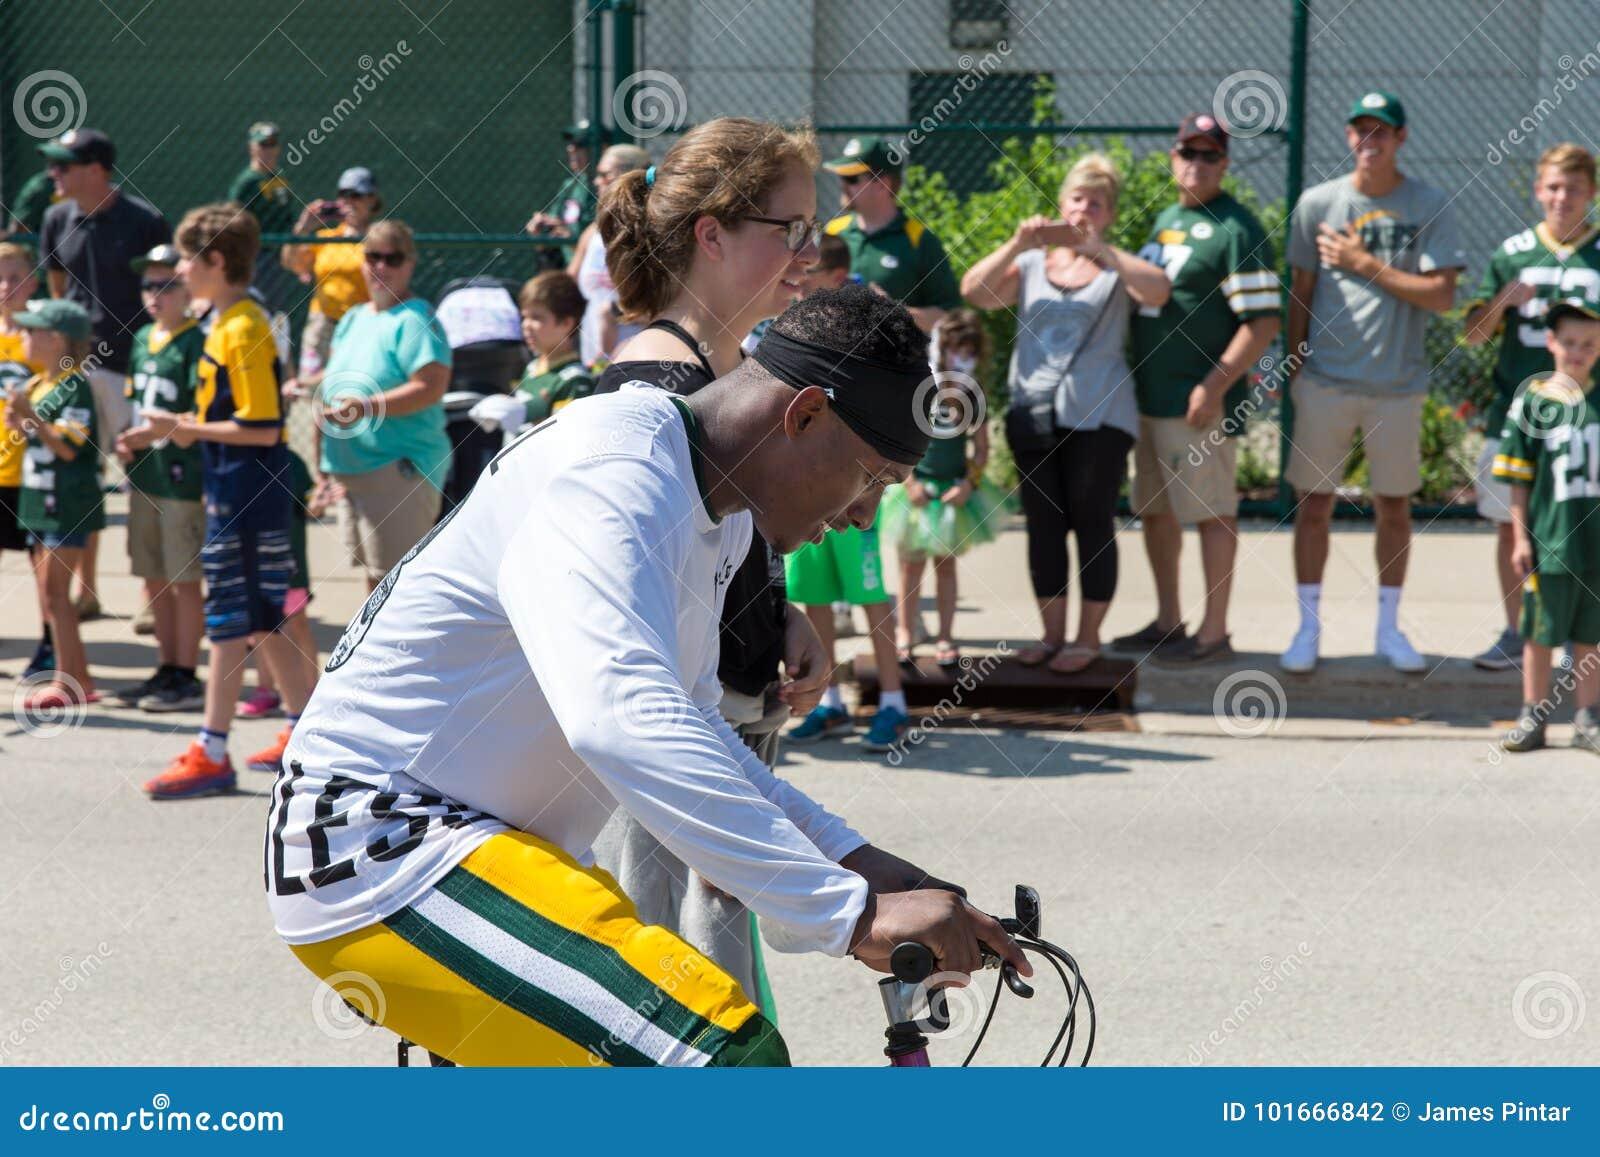 Bici Del Montar A Caballo Del Jugador Del Embalador Del Green Bay ...